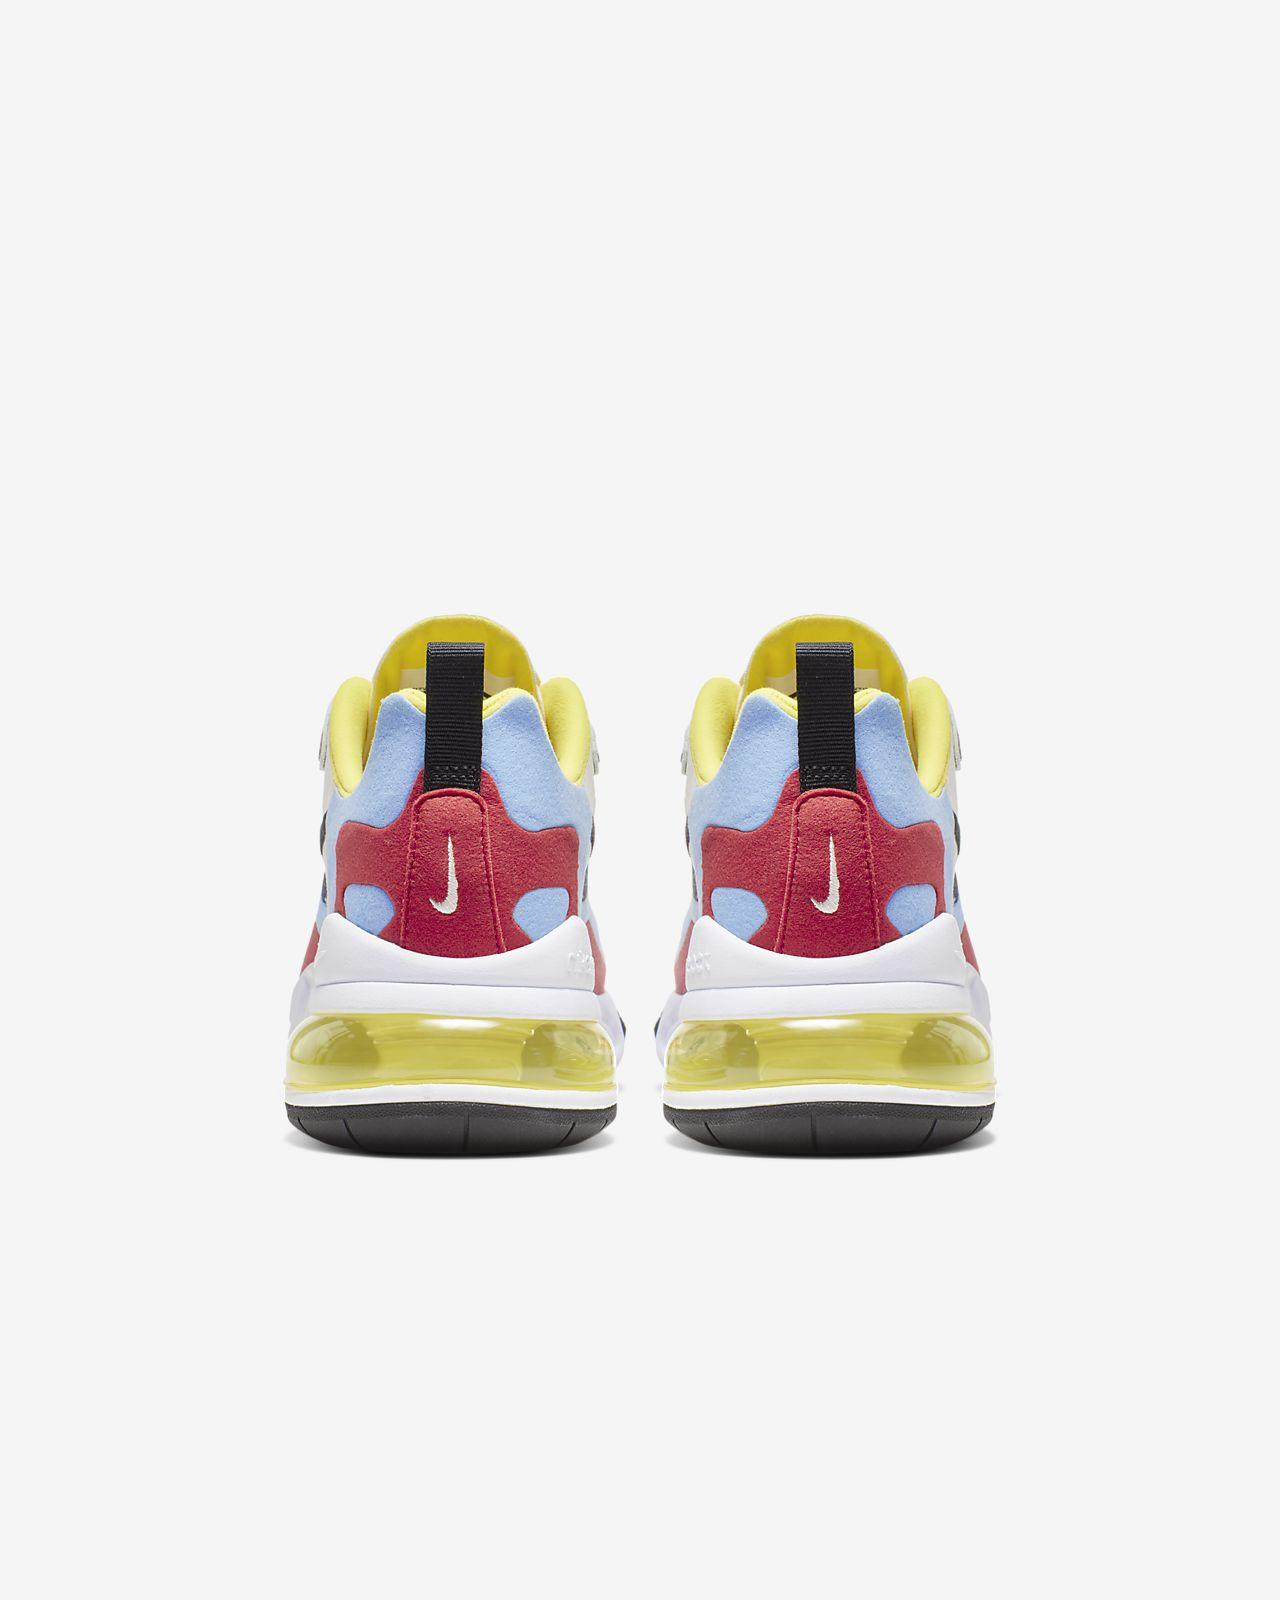 257c51dd12dd Chaussure Nike Air Max 270 React (Bauhaus) pour Femme. Nike.com FR